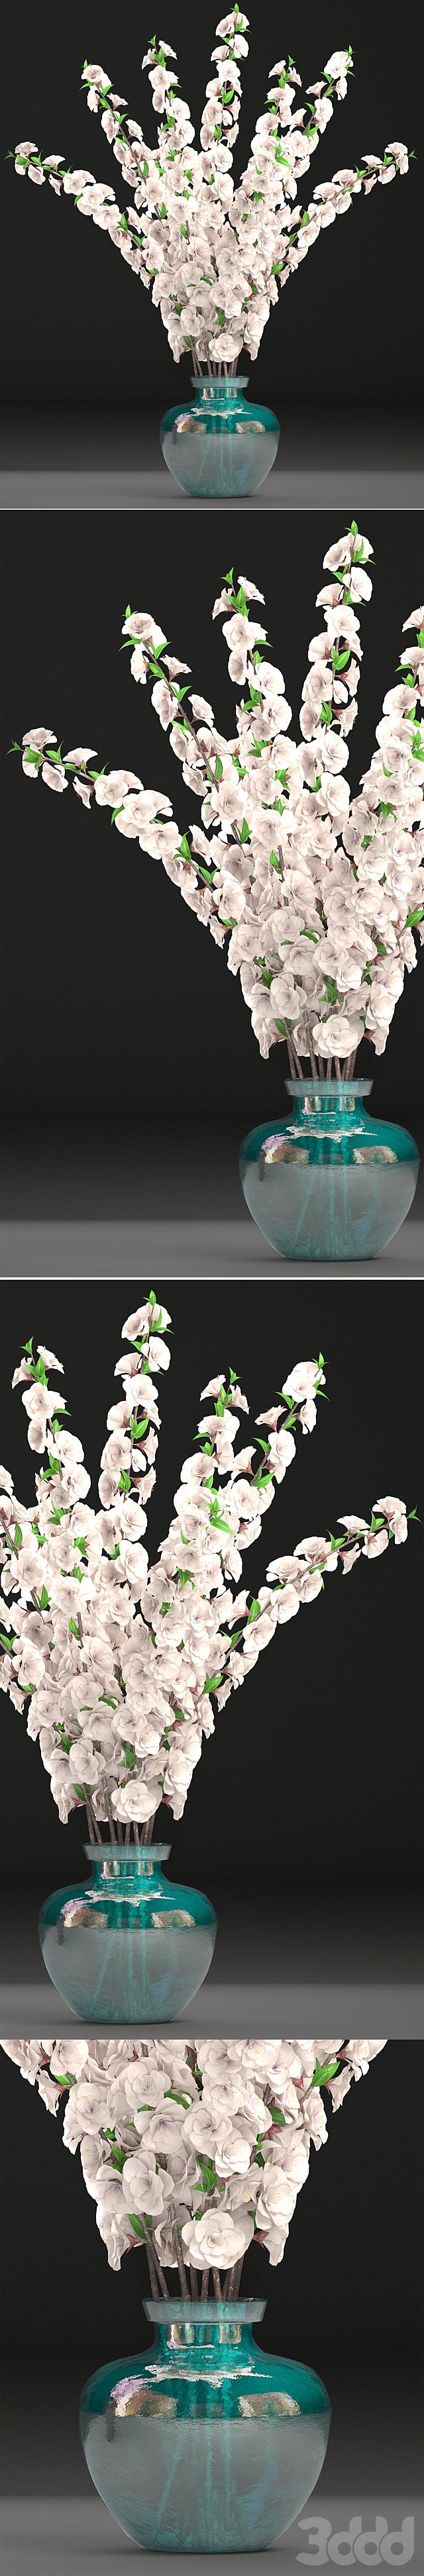 Коллекция цветов 29. Букет цветущей сакуры